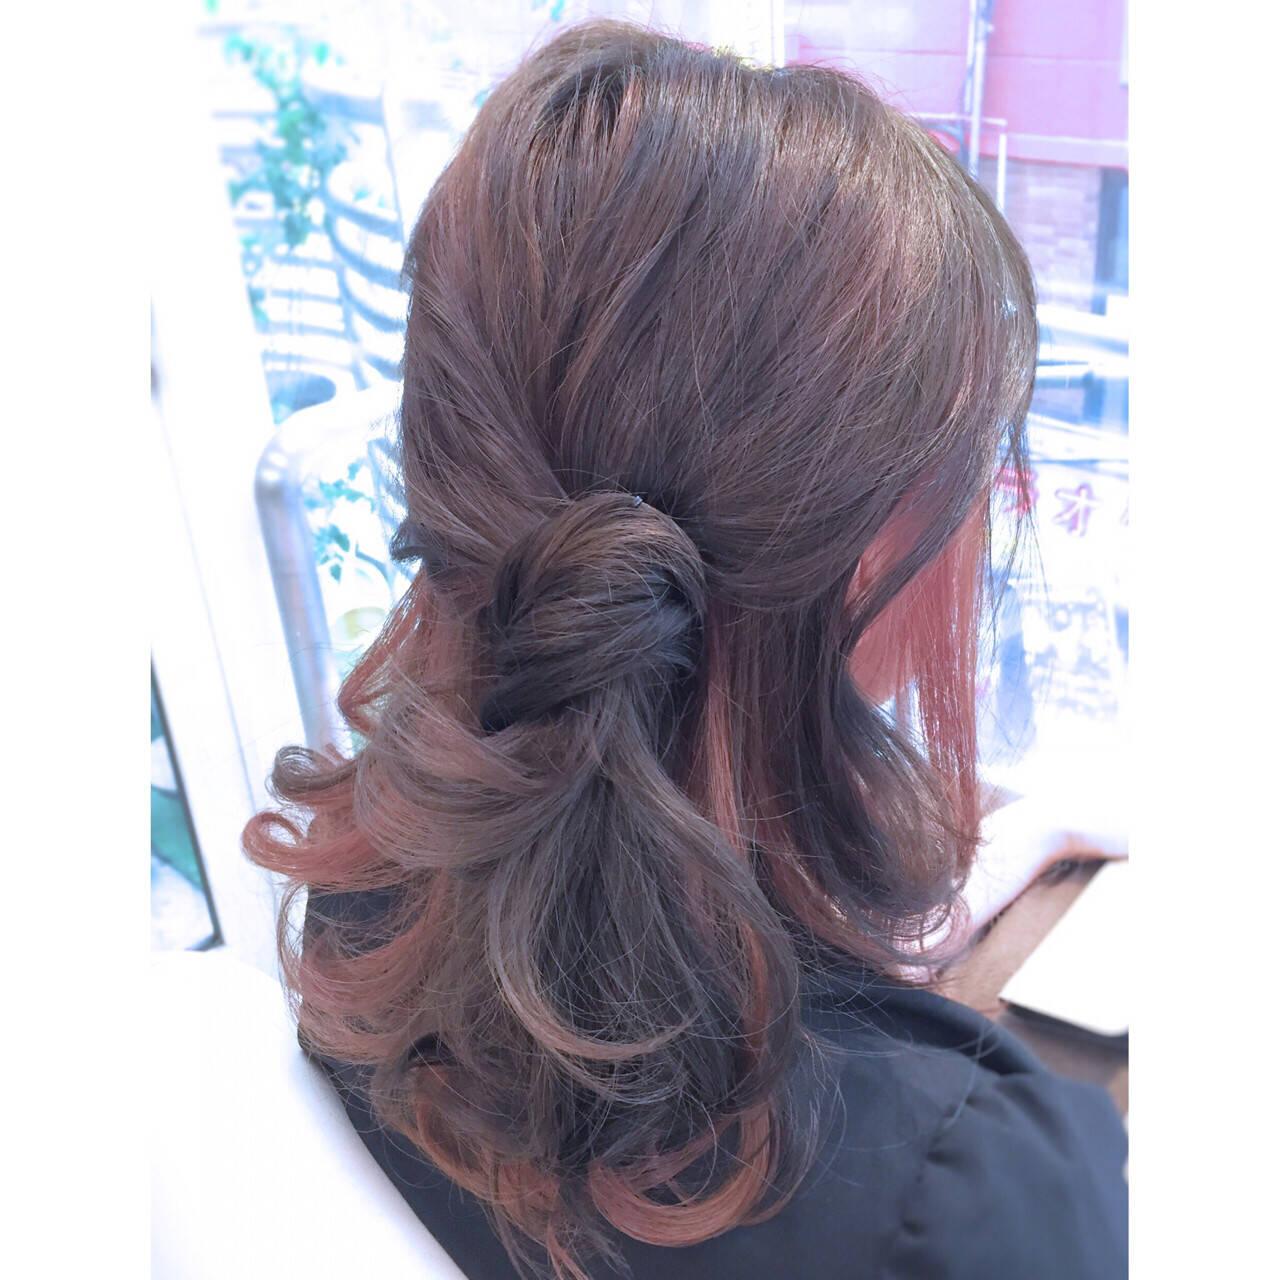 インナーカラー ストリート ショート ヘアアレンジヘアスタイルや髪型の写真・画像